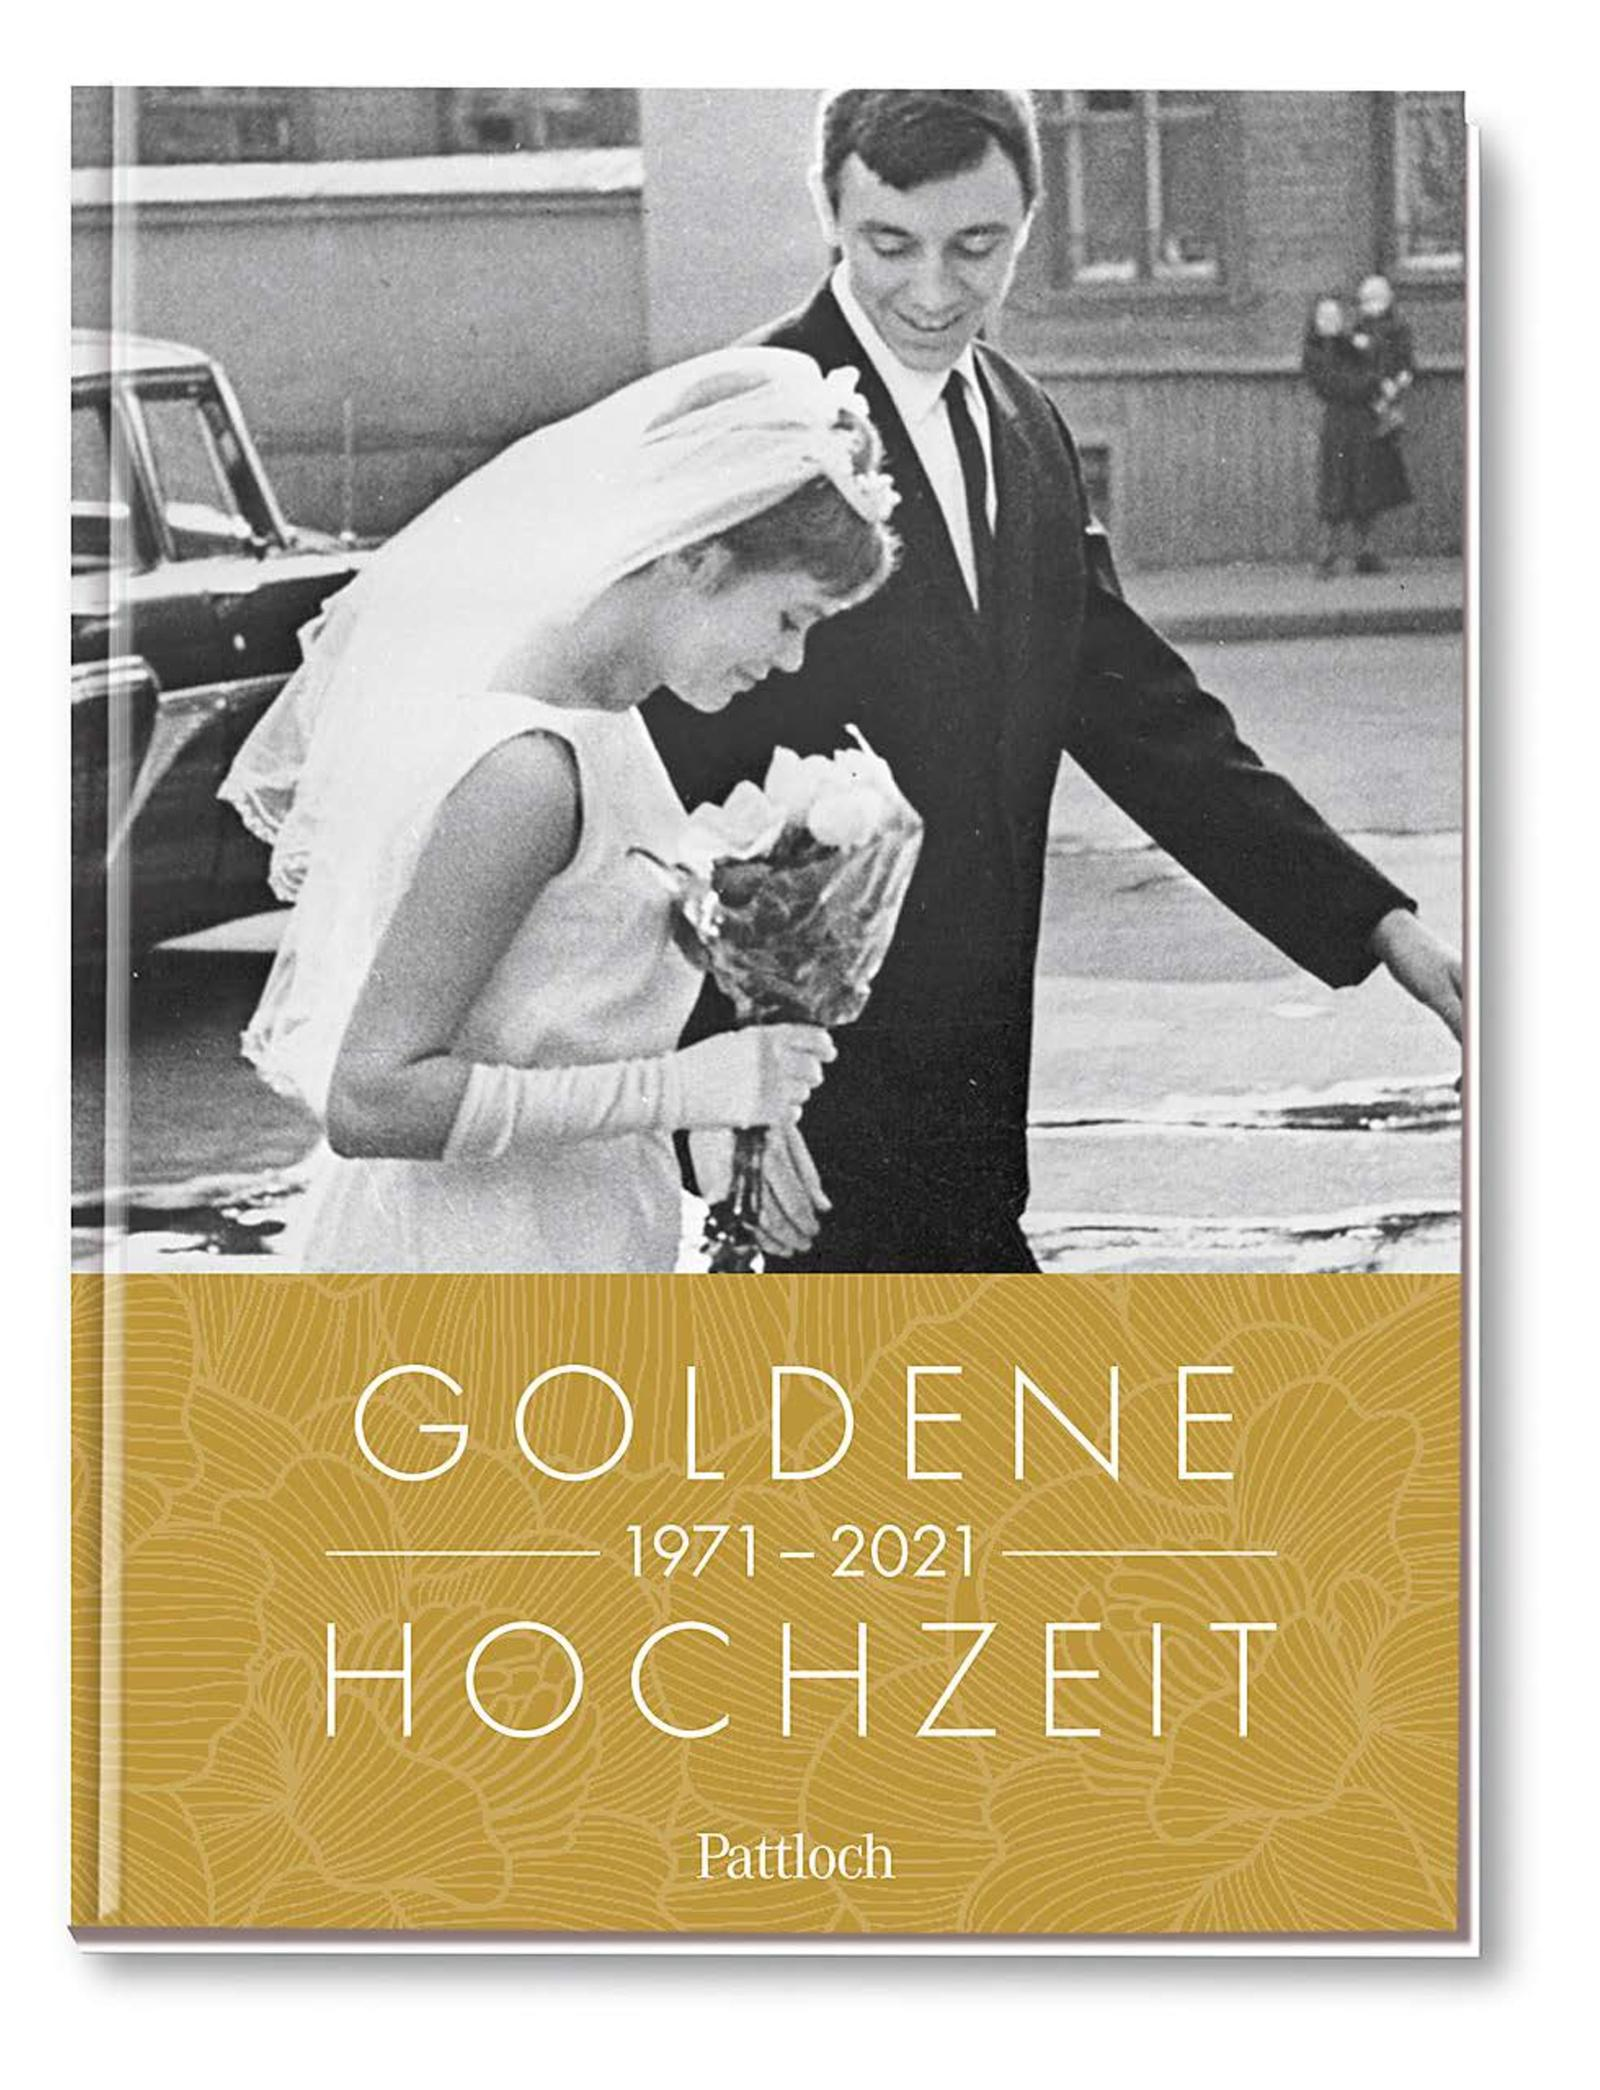 Goldene Hochzeit 1971-2021